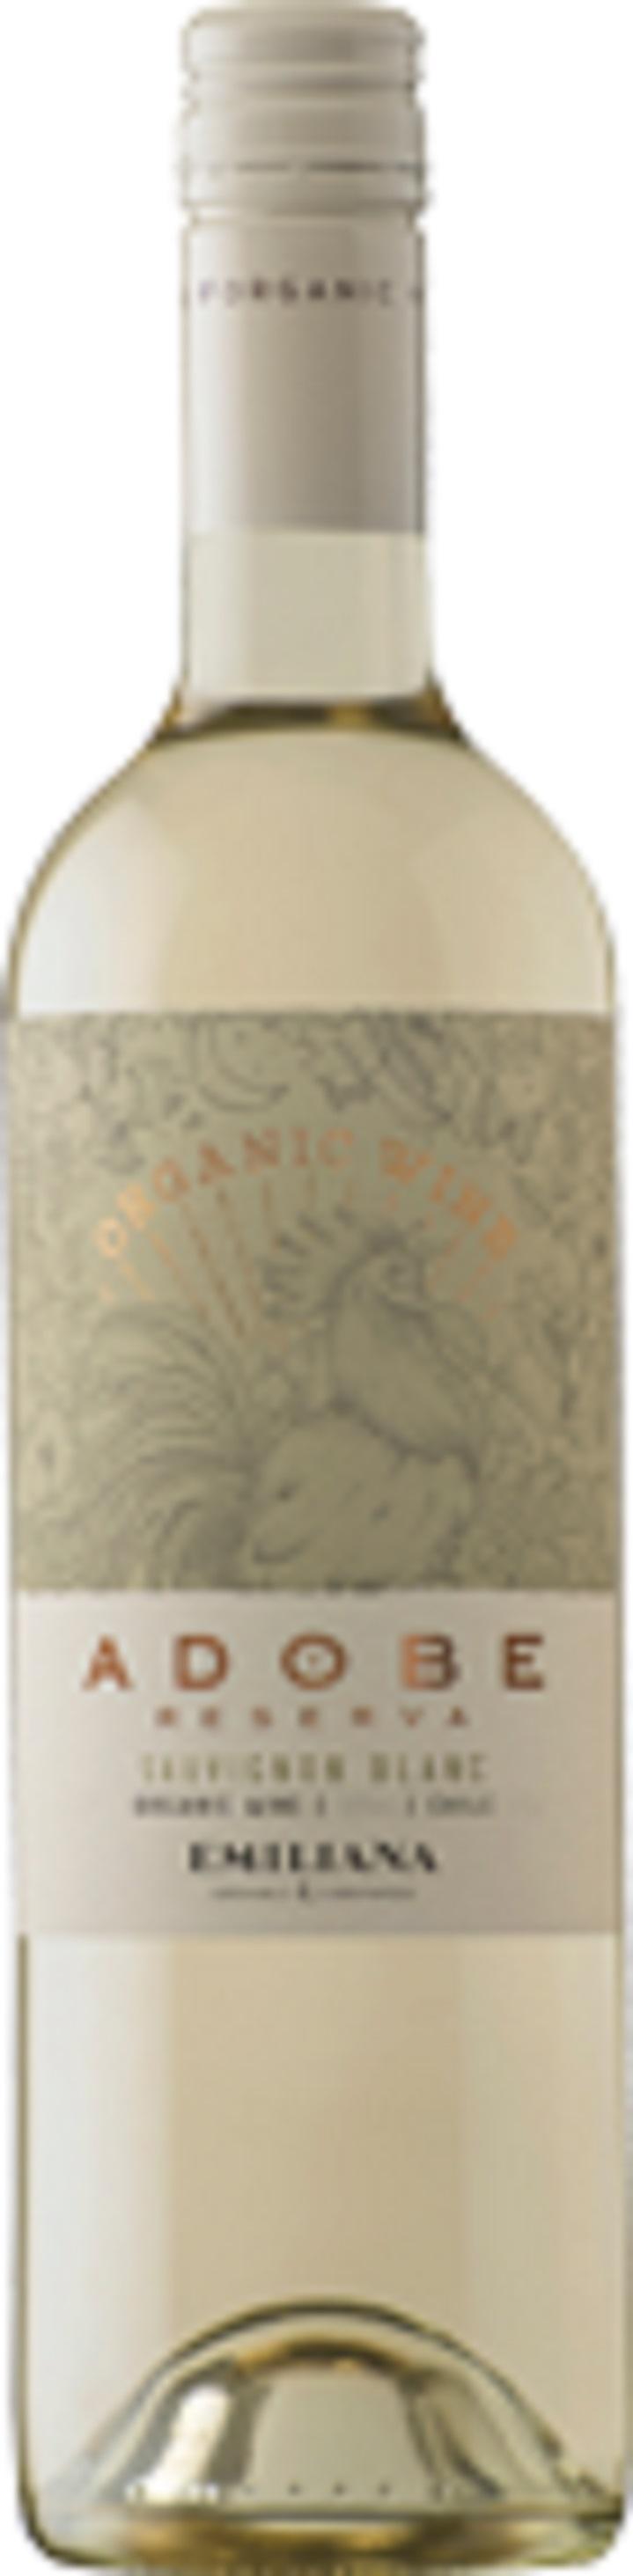 adobe-organic-reserva-sauvignon-blanc